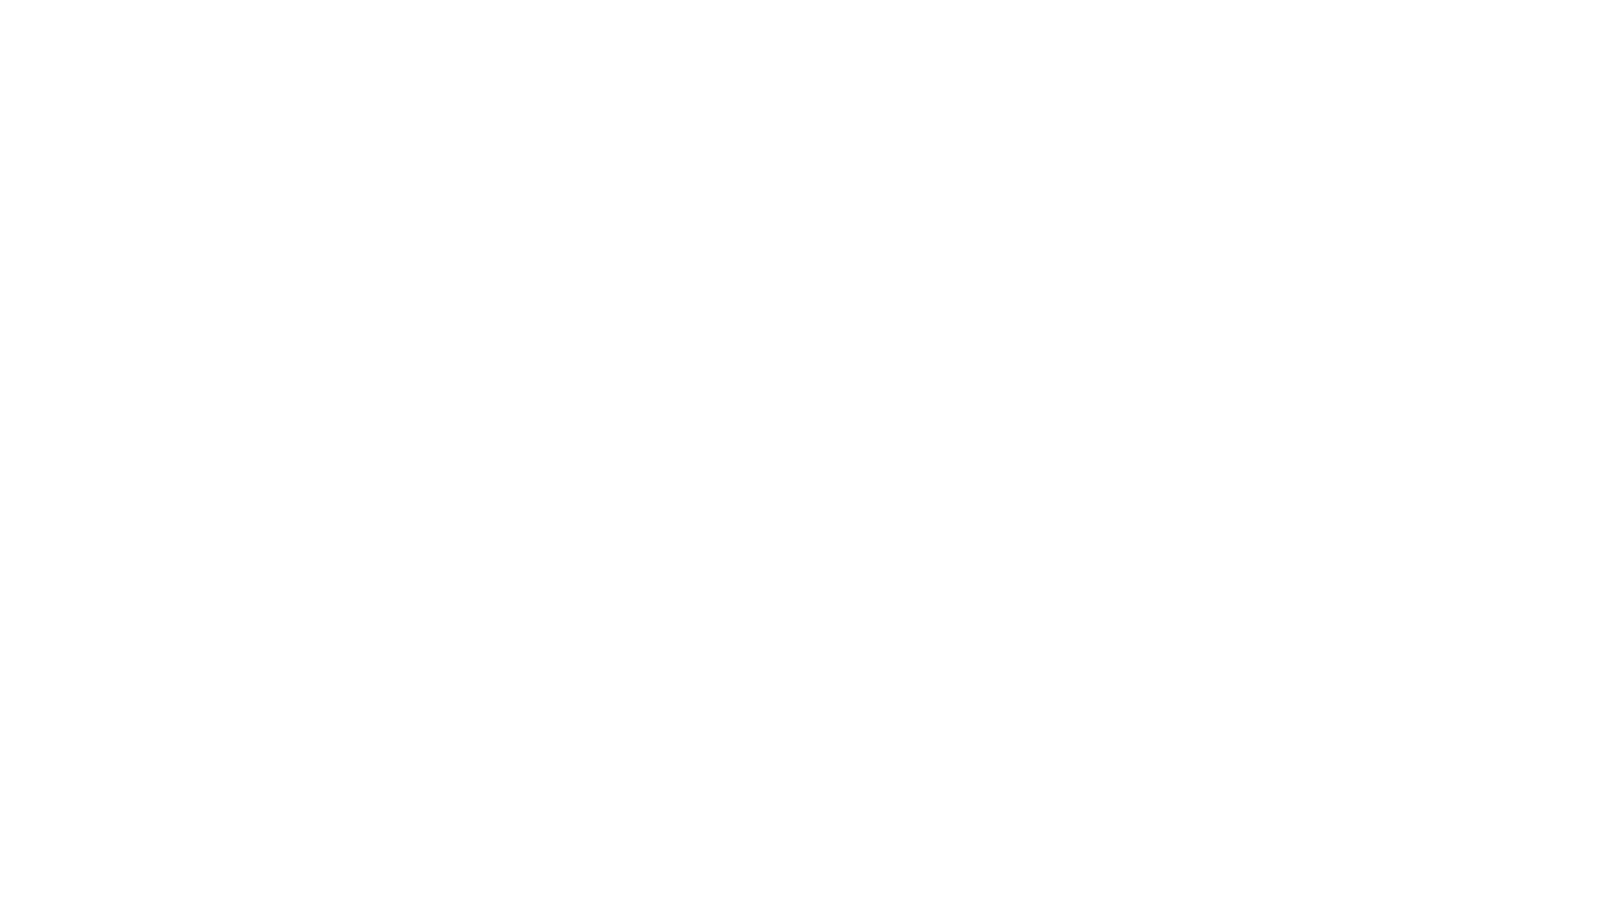 """""""Pior que a lâmina é boa mesmo, pqp..."""" 🤣🤘  Depoimento da Dra. Eliane Benati sobre a qualidade das Lâminas Feather!   Vem pra MedWell! Os melhores produtos, para os melhores cirurgiões! 🚀🔝 Pedidos: (19) 99891-5792 Peça pelo WhatsApp: medwell.com.br/whatsapp Enviamos para todo o Brasil! www.medwell.com.br"""